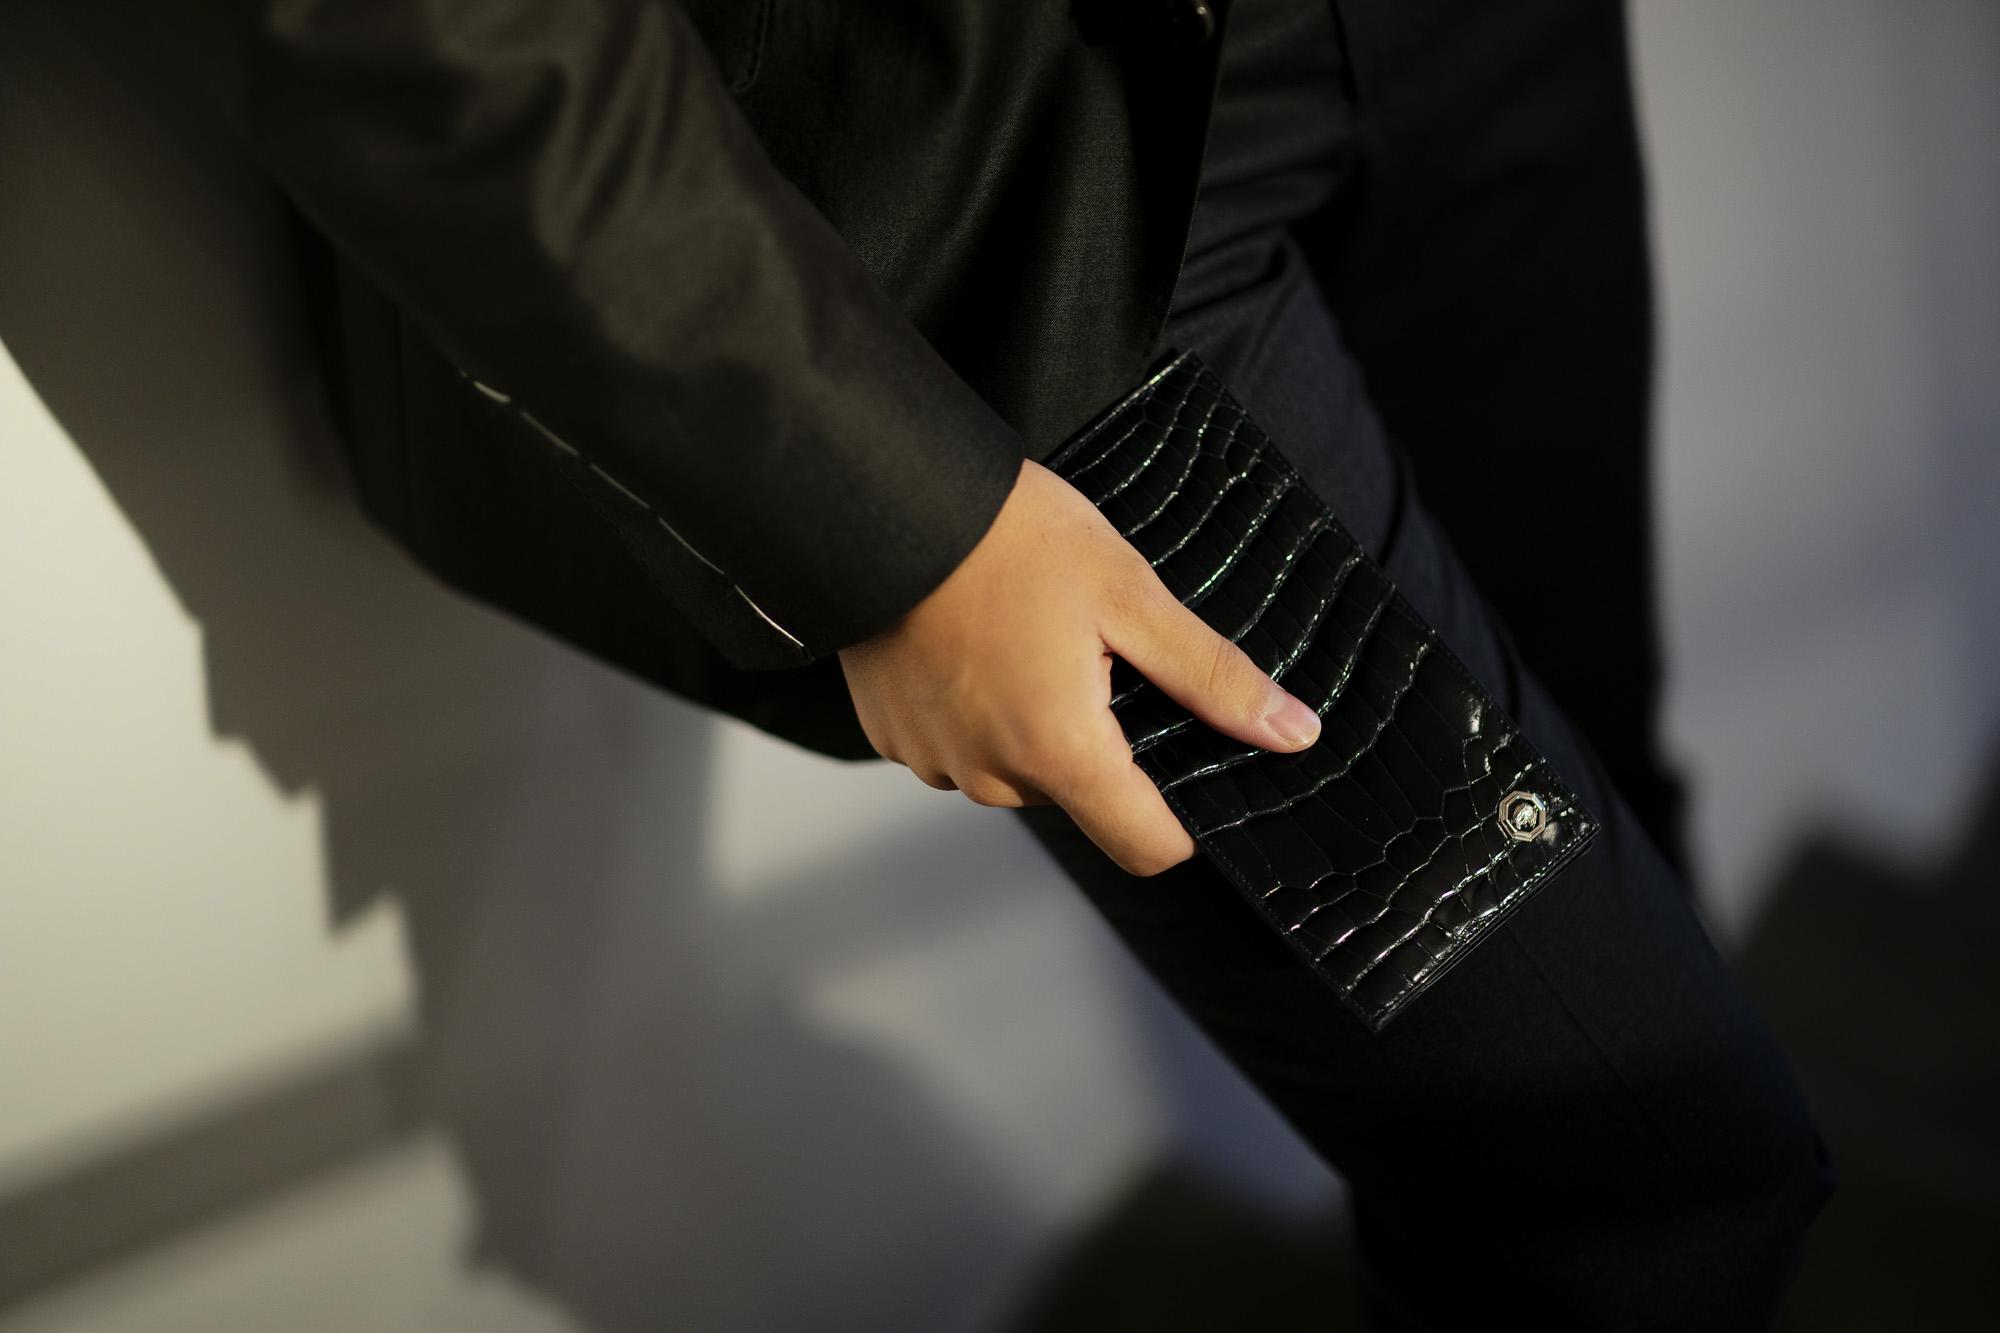 STEFANO RICCI (ステファノリッチ) Crocodile Long Wallet (クロコダイル ロング ウォレット) Crocodile Leather (ワニ革) レザーウォレット 長財布 BLACK (ブラック) Made in italy (イタリア製) 2019 春夏新作 stefanoricci 愛知 名古屋 altoediritto アルトエデリット